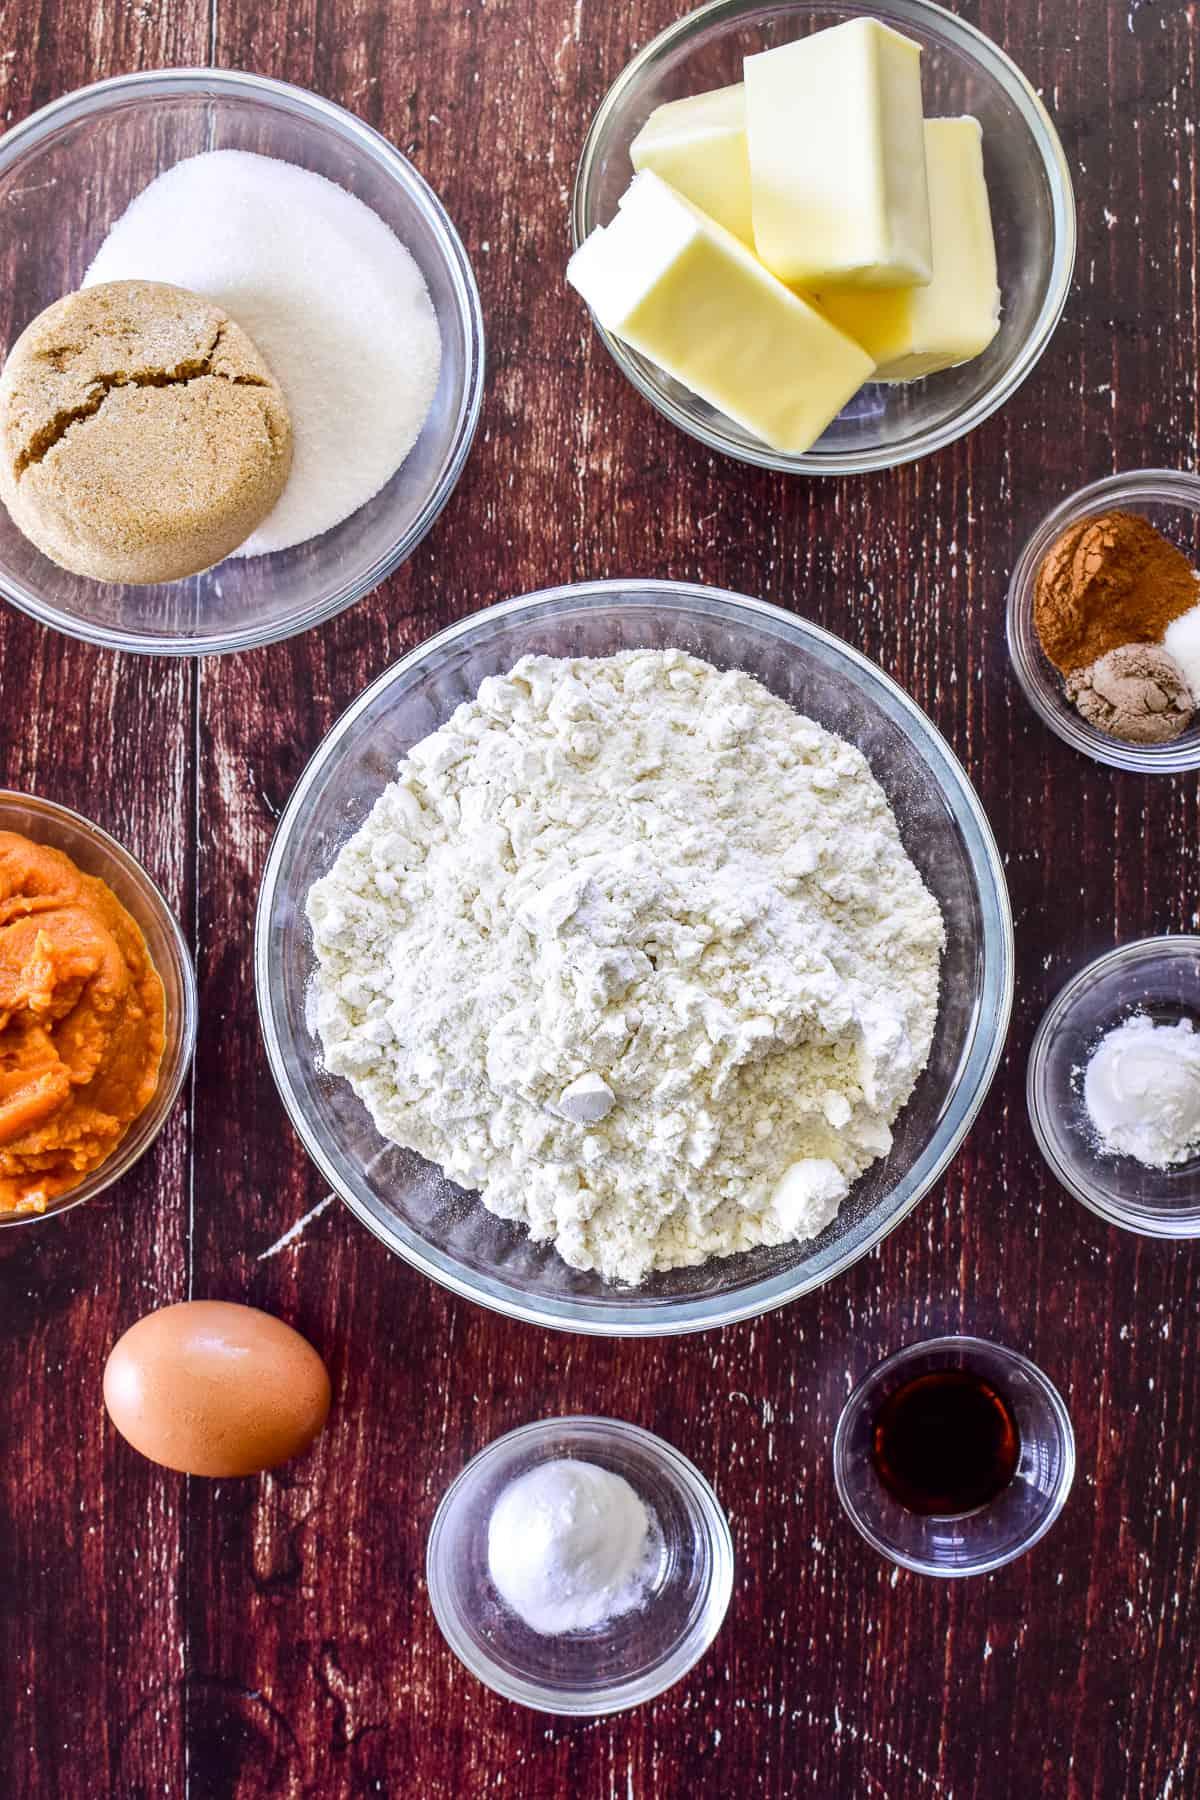 Pumpkin Cookie ingredients